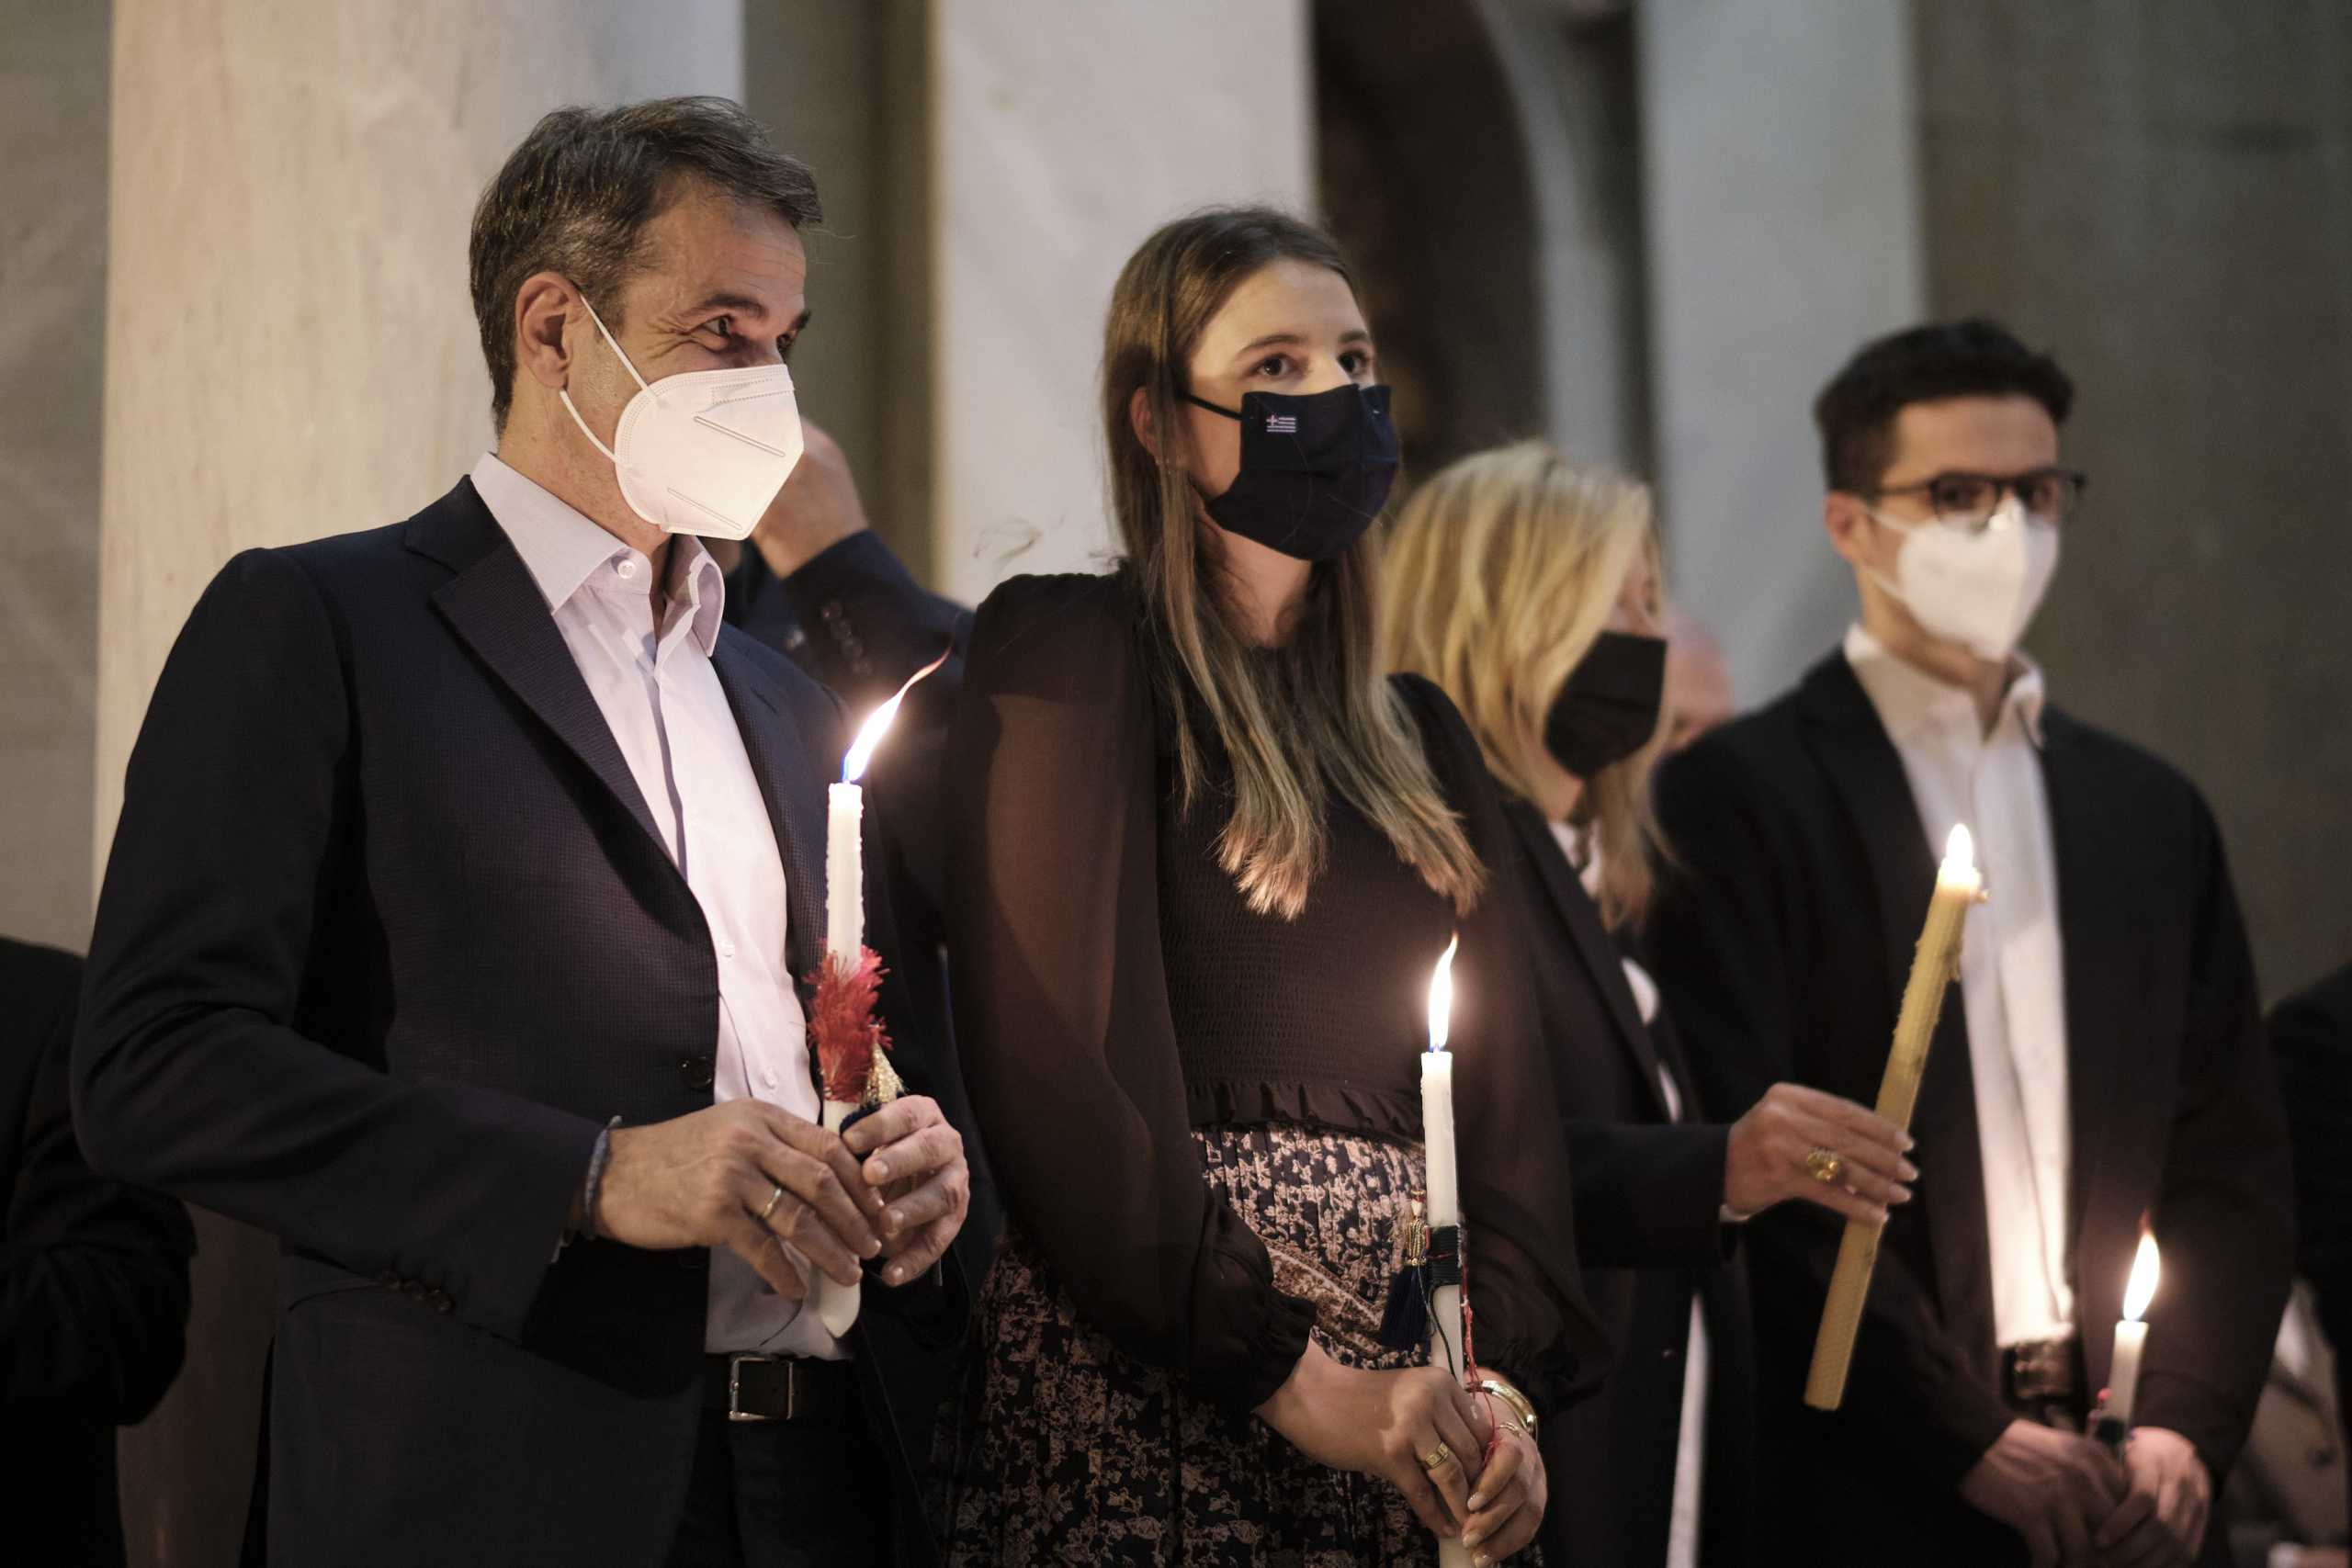 Κ. Μητσοτάκης: Το Θείο Φως γίνεται ήλιος αισιοδοξίας για την έξοδο από την παγκόσμια περιπέτεια της πανδημίας